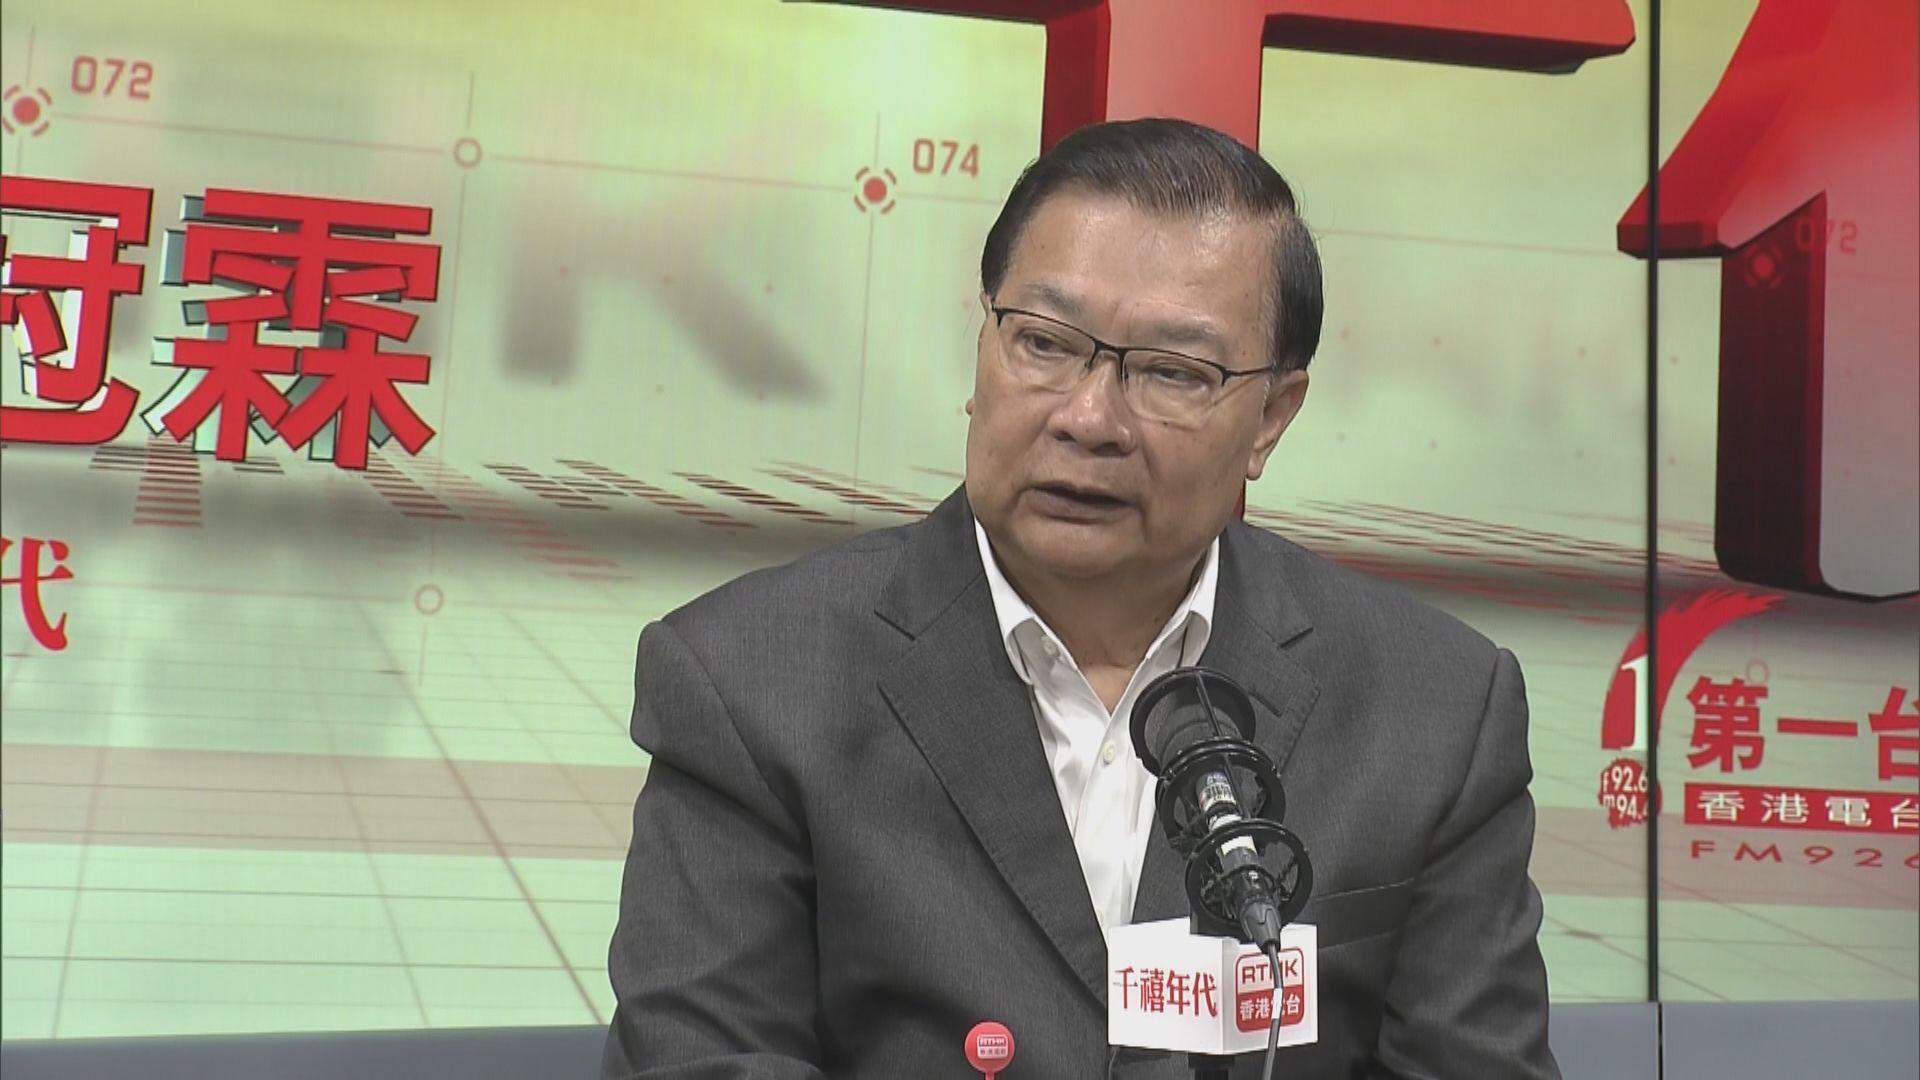 譚耀宗︰中央表態支持修例不算干預本港事務